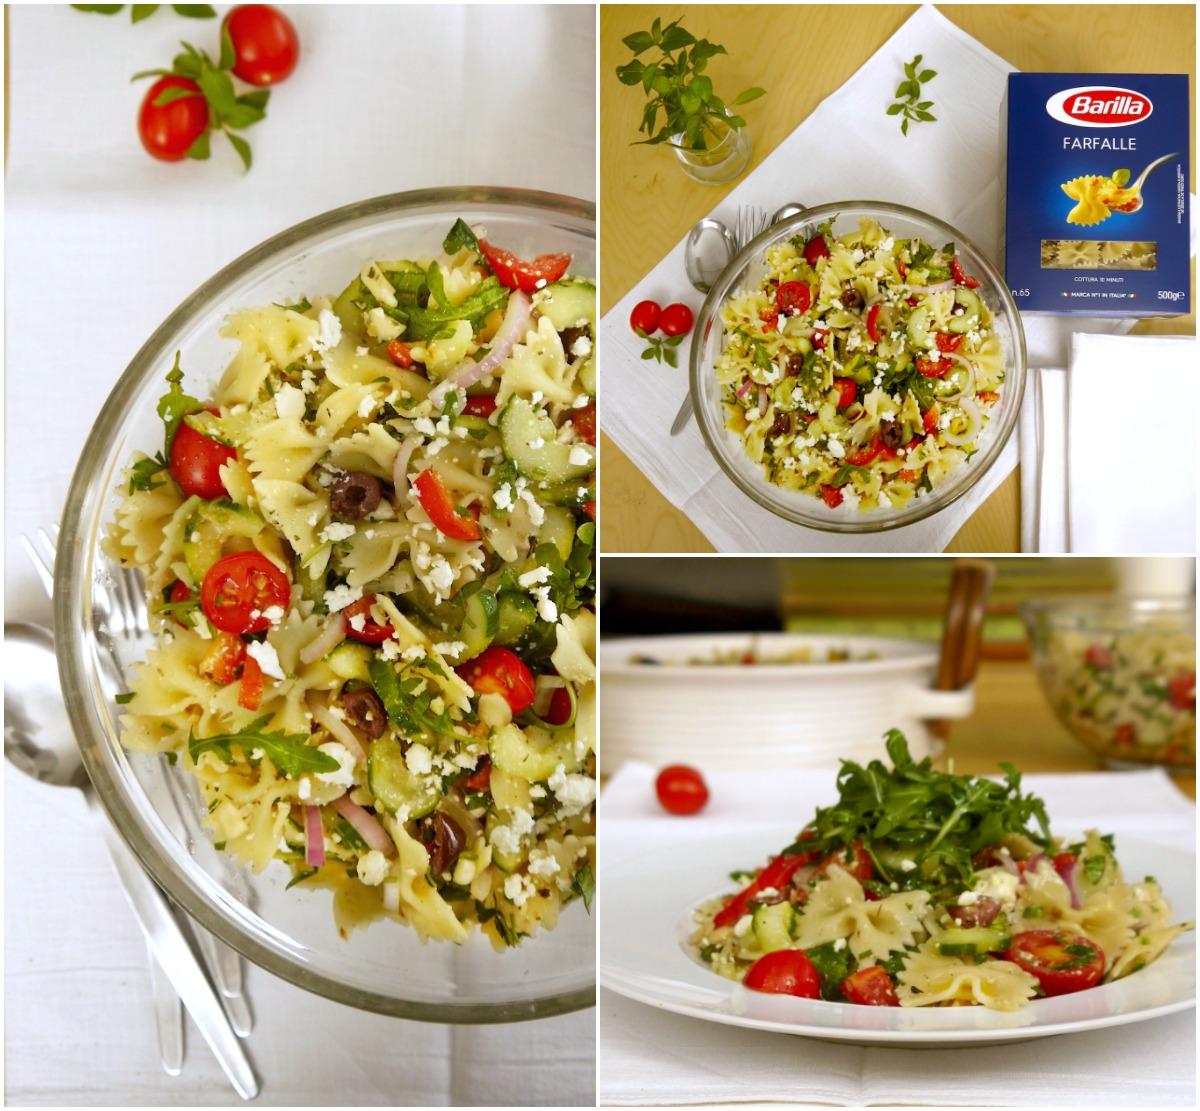 Κρύα μακαρονοσαλάτα μεσογειακή με πεταλούδες/ φαρφάλες & ωμά λαχανικά